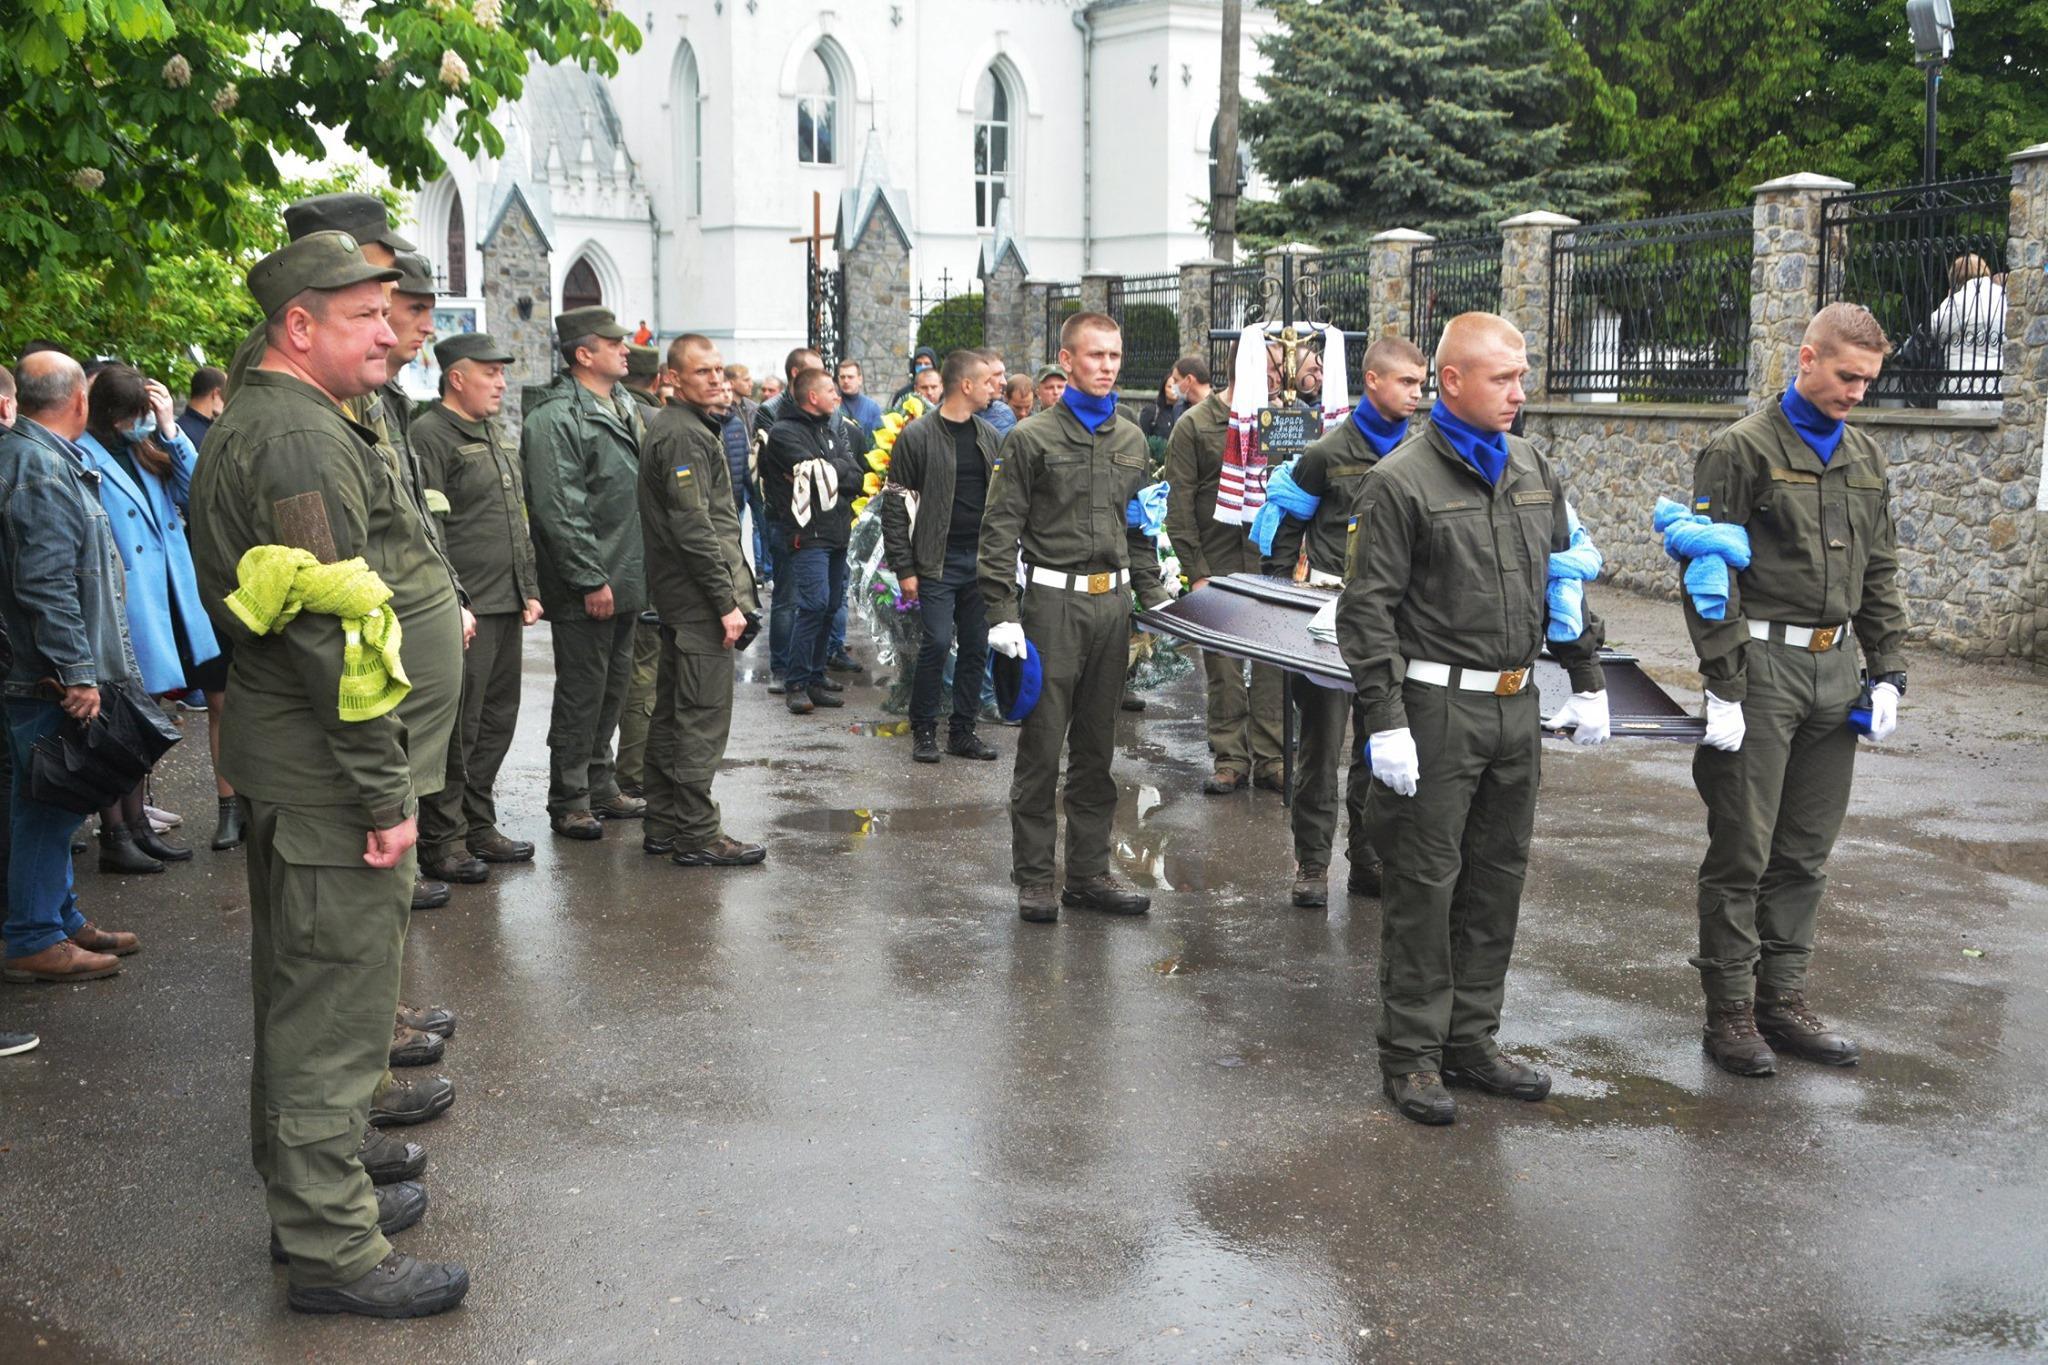 У Барі поховали нацгвардійця, якого знайшли на вулиці Вінниці зі смертельним ножовим пораненням (Фото)